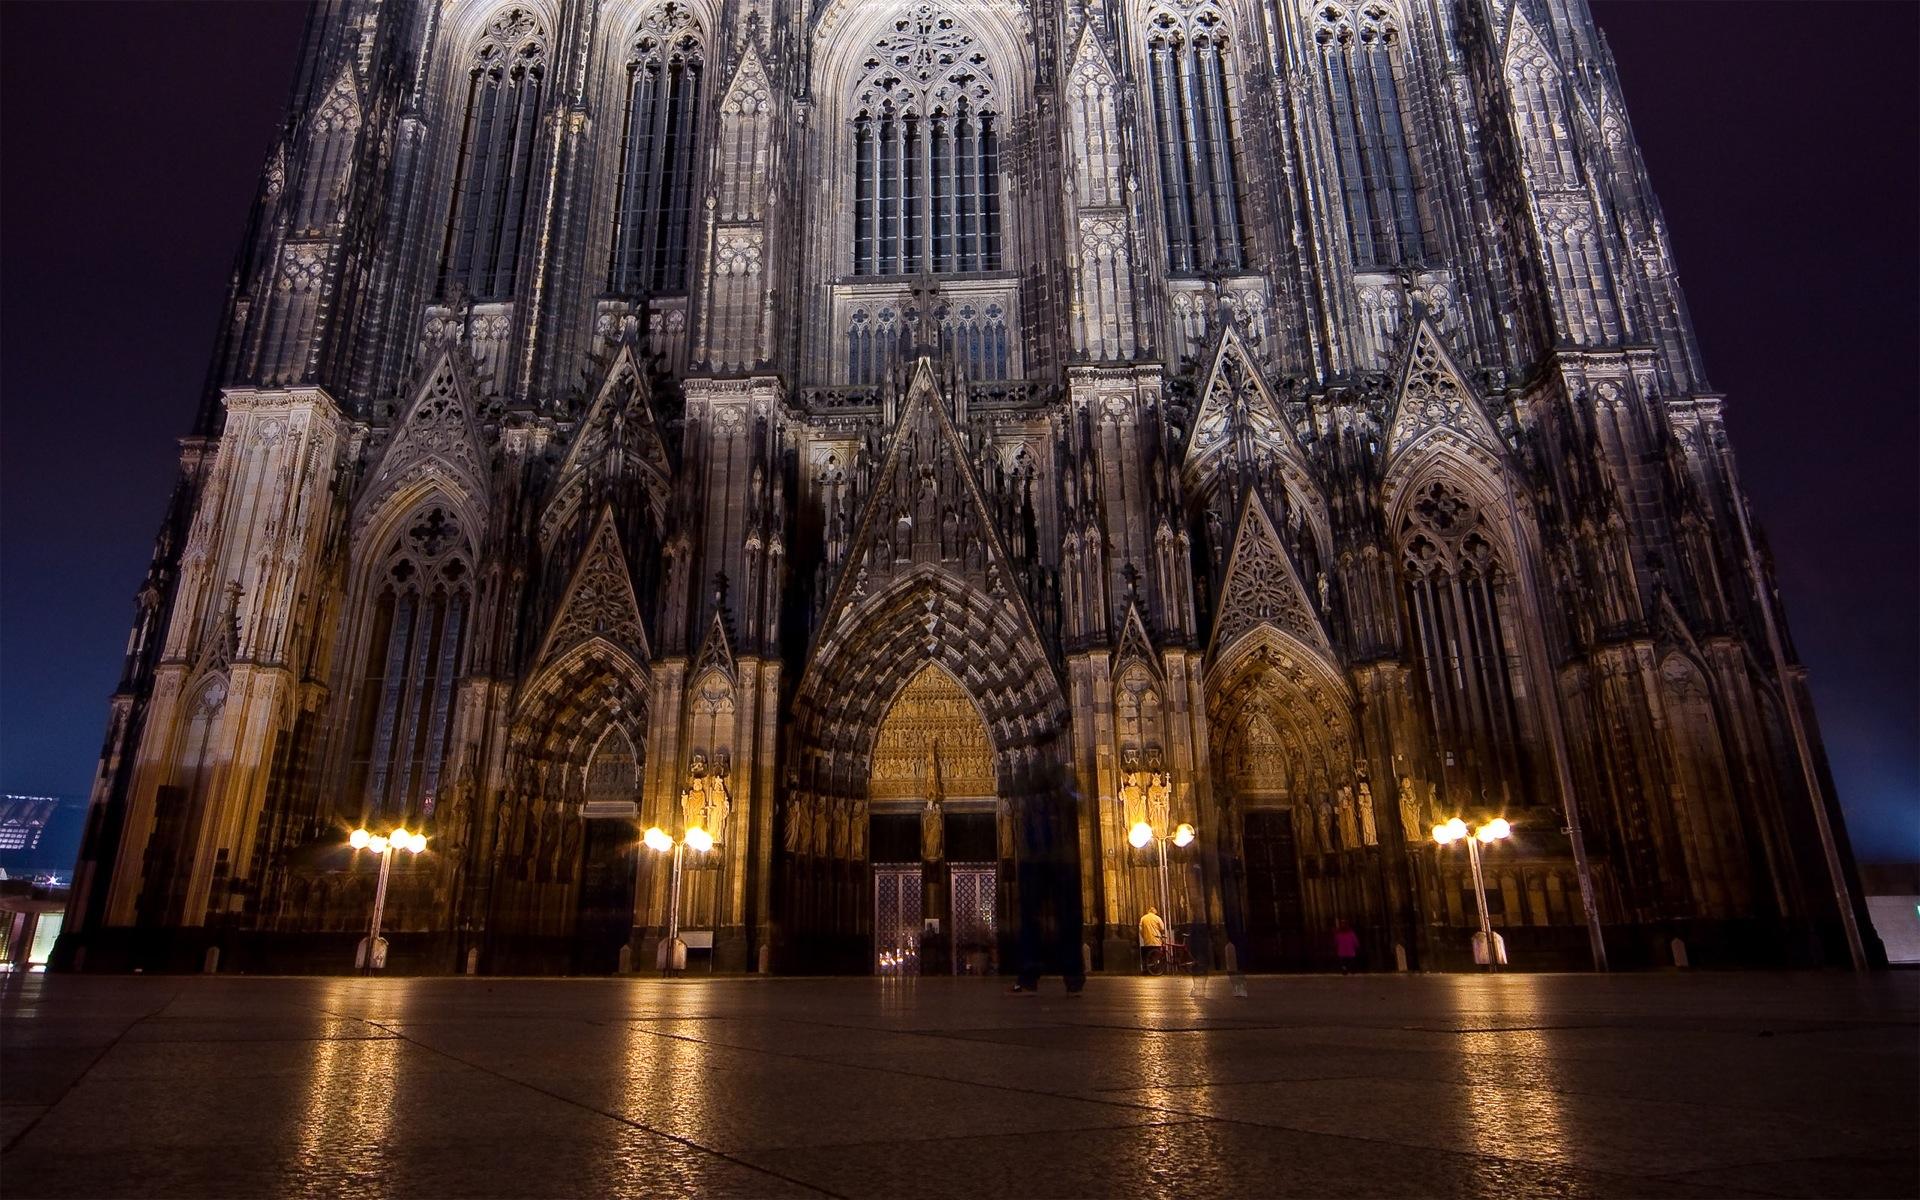 Religieux - Cologne Cathedral  Fond d'écran